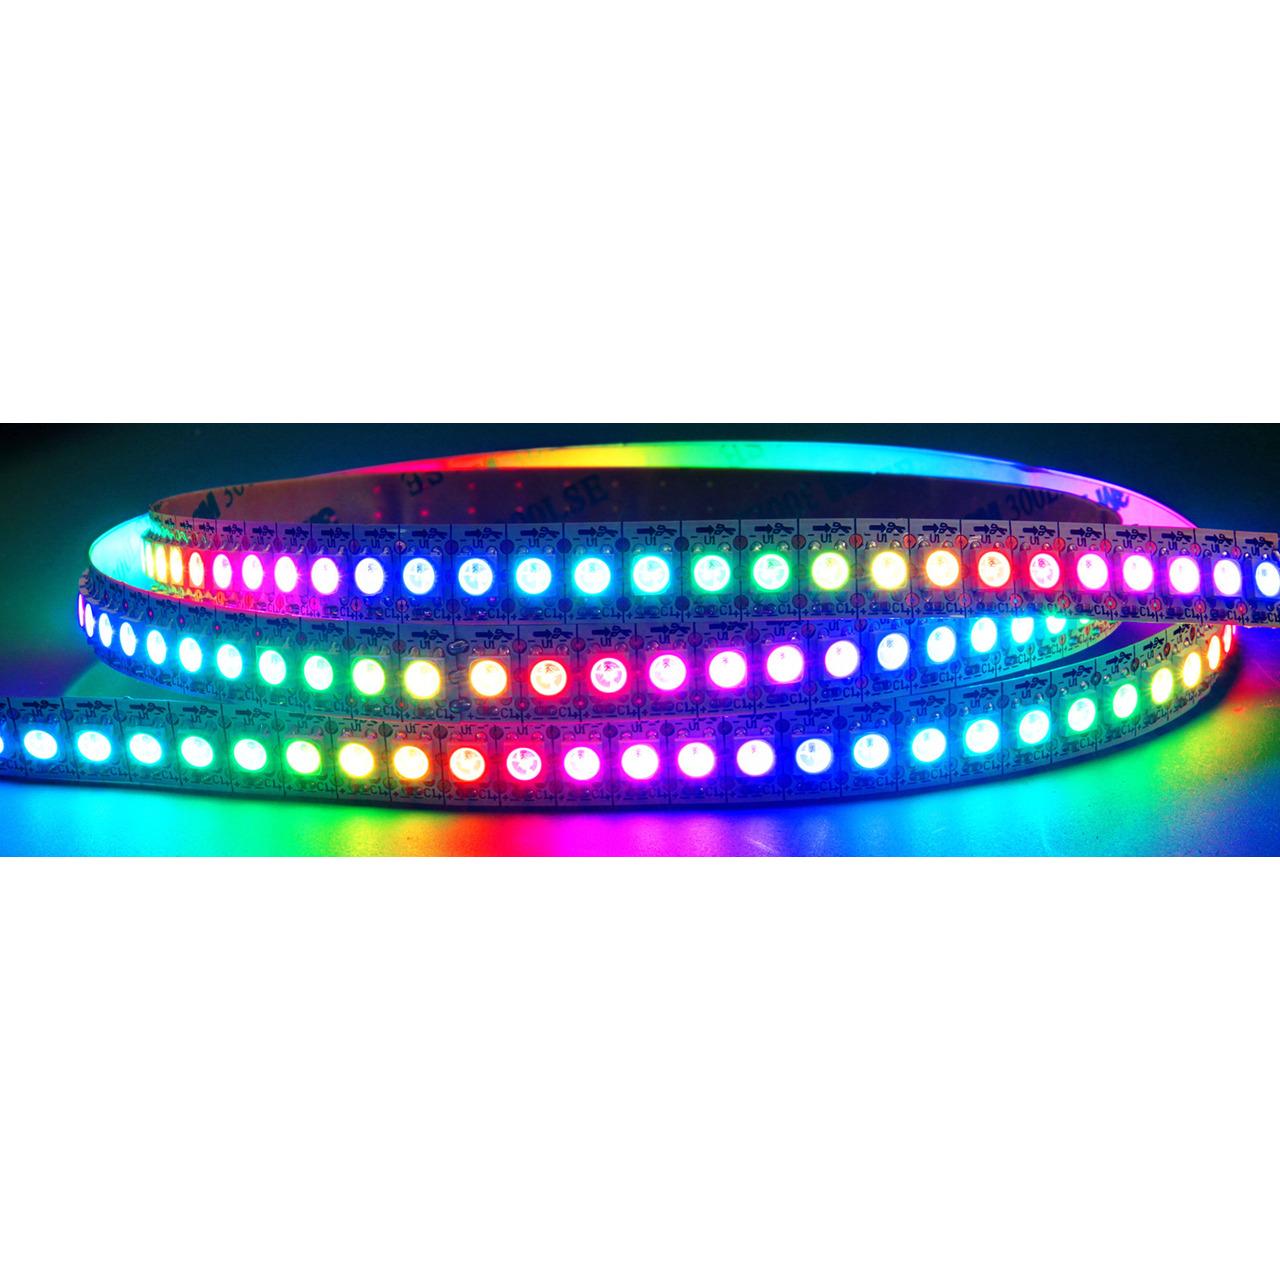 Diamex 2-m-LED-Streifen mit WS2812-kompatiblen-LEDs- 144 LEDs/m- weisse Platine